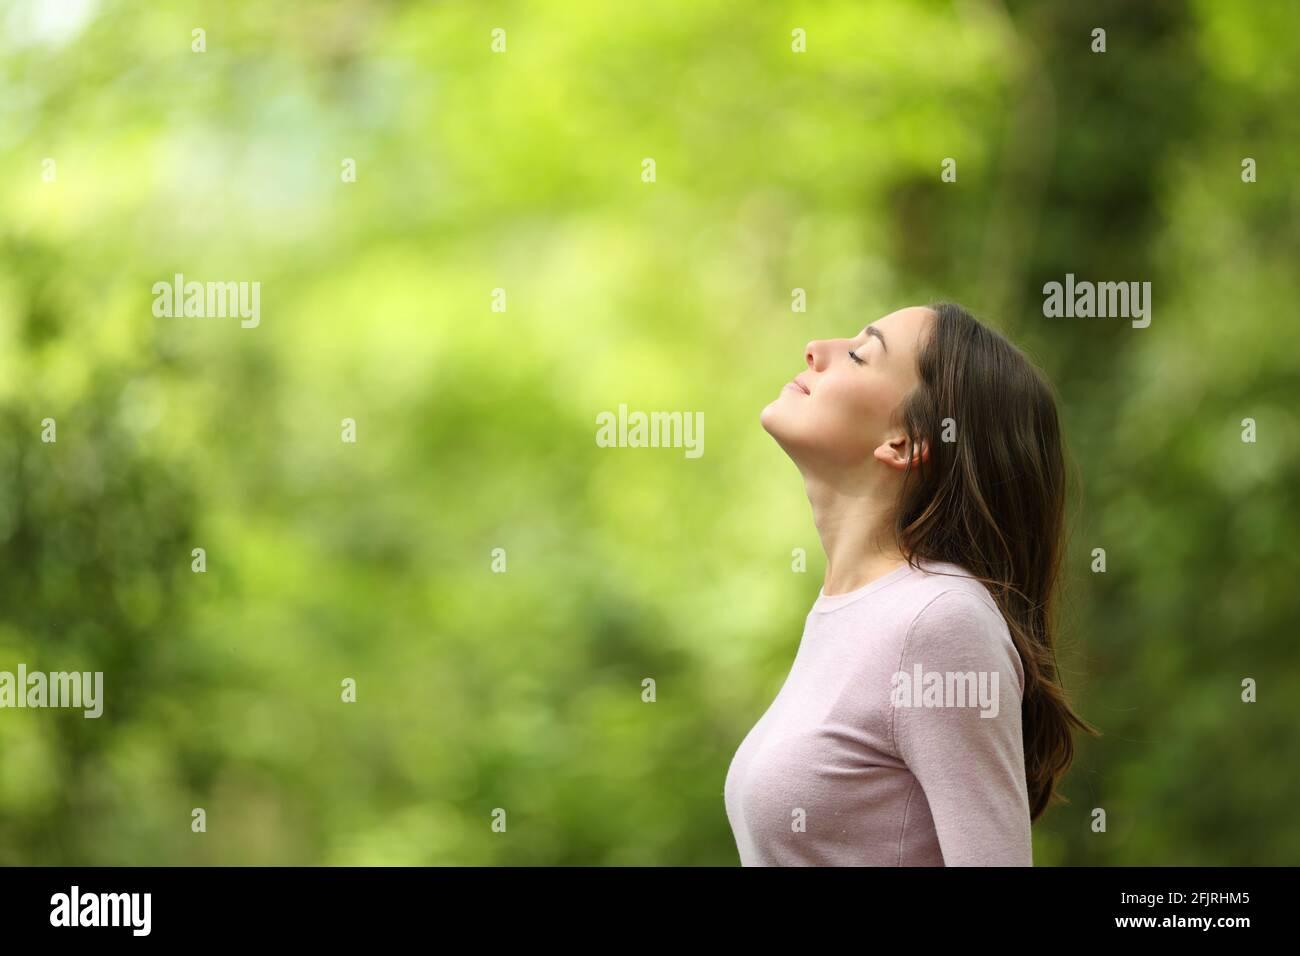 Profil d'une femme détendue respirant de l'air frais dans un forêt verte Banque D'Images